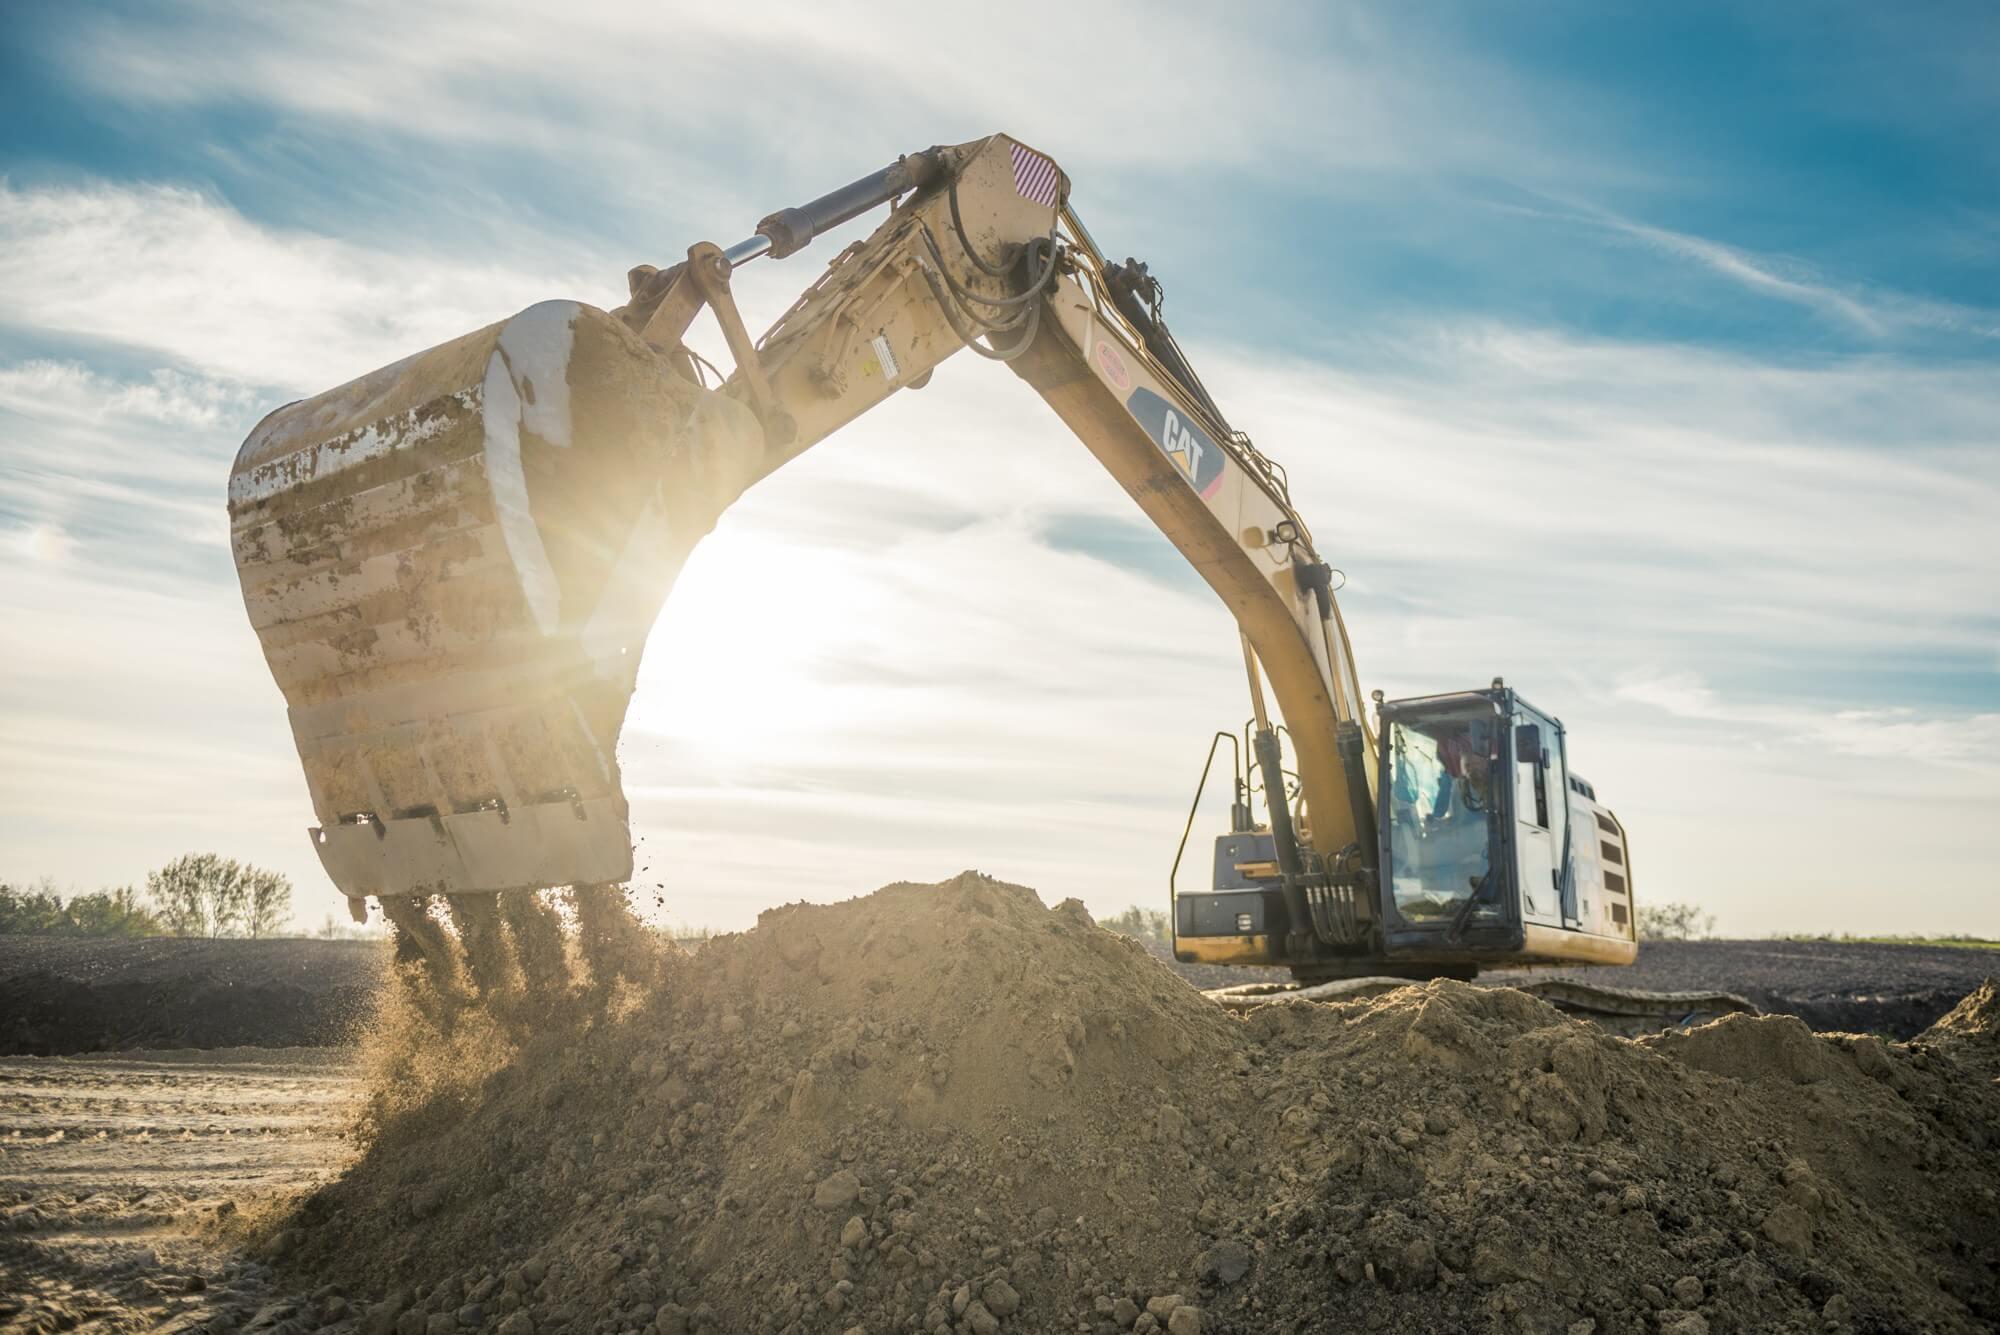 Nagy ugrásra készül Tolnában három építőipari cég